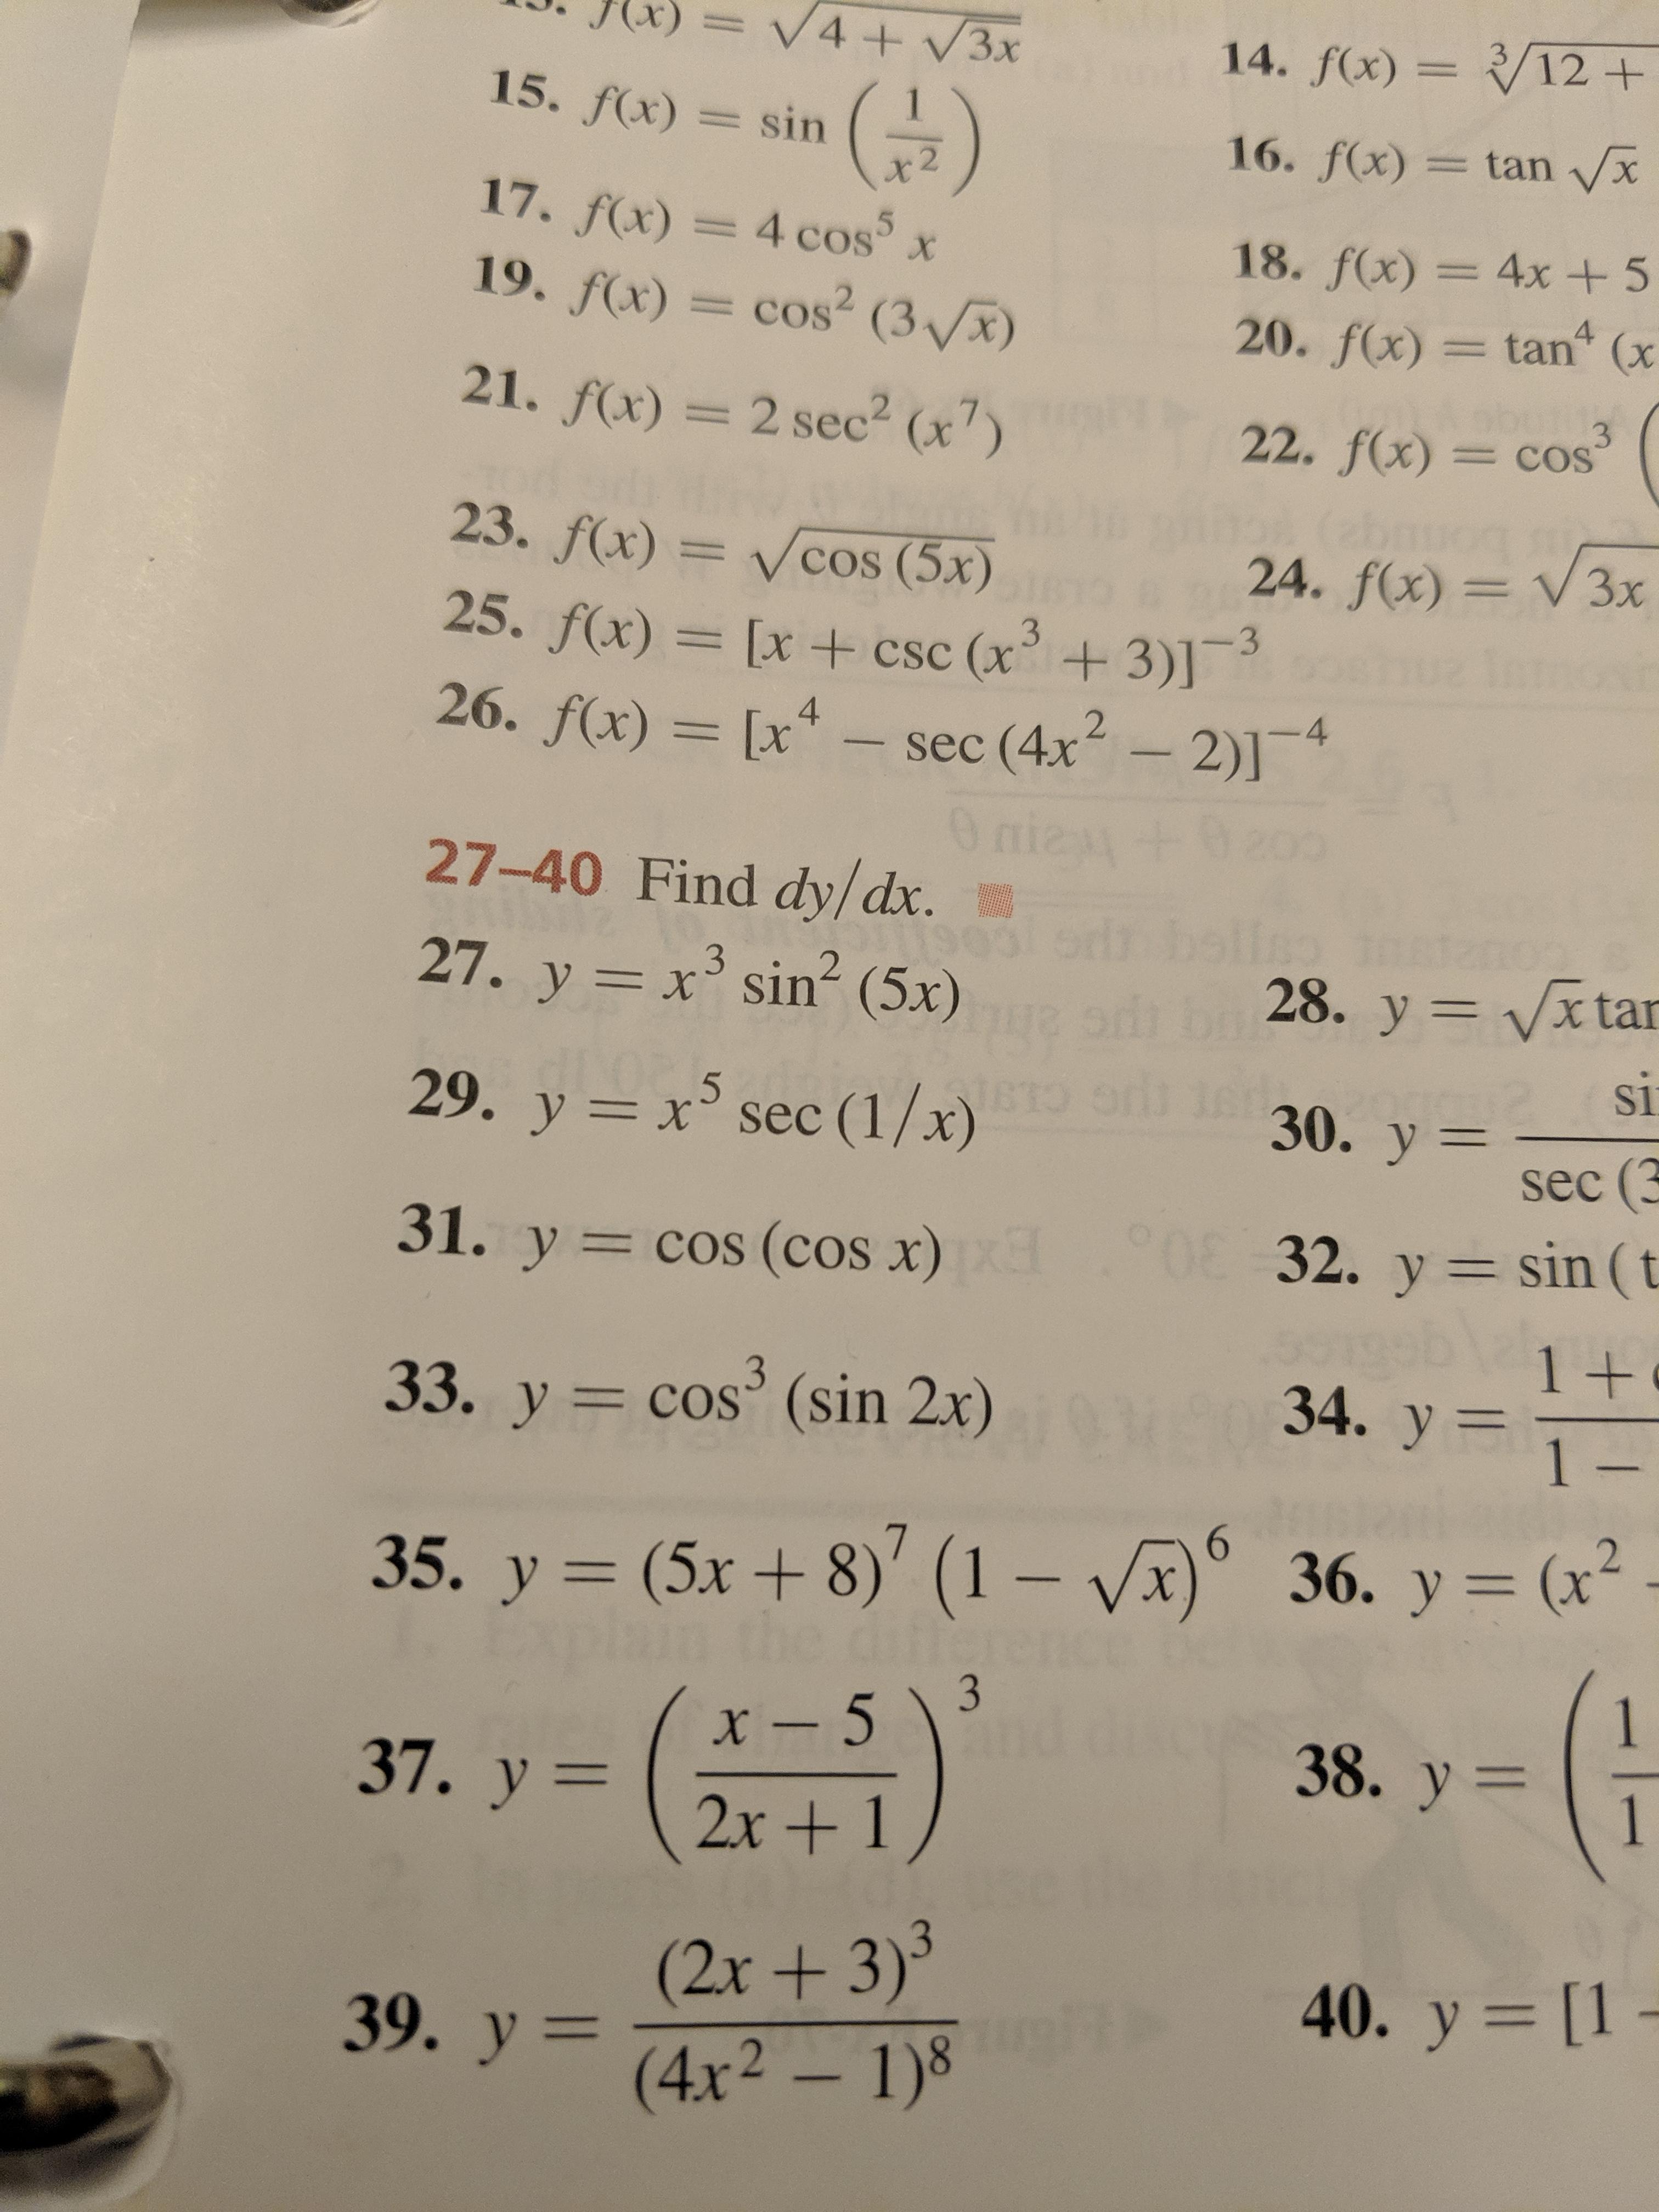 V4+/3x 14. f(x)=/12 + 15. f(x) sin 16. f(x)= tan x x 2 fx) = 4 cos5x .f(x) = cos2 ( 3 18. f(x)= 4x + 5 tan (x 4 20. f(x) 01 1 21. f(x) = 2 sec2 (x) 3 22. f(x) =COS abr 24. f(x) V3x 23. f(x)= Vcos (5x) 25. f(x) = [x +csc (x+3)] 26. f(x) [x sec (4x 2)]4 O nie + 2 27-40 Find dy/dx. 27. y x sin2 (5x) 28. y Vx tar X si 30. y= .5 29. y x sec (1/x) sec (3 032. y sin (t 31. y cos (cos x) 1 + 34. y 1- 3 33. y = cos (sin 2x) 6 36. у 3 (х* 36. y= (x (5x + 8)' (1 - Vx 35. y 1 x-513 38. y 37. у — 2x+1 (2x+ 3)3 39. y4x2 1) 40. y [1 -